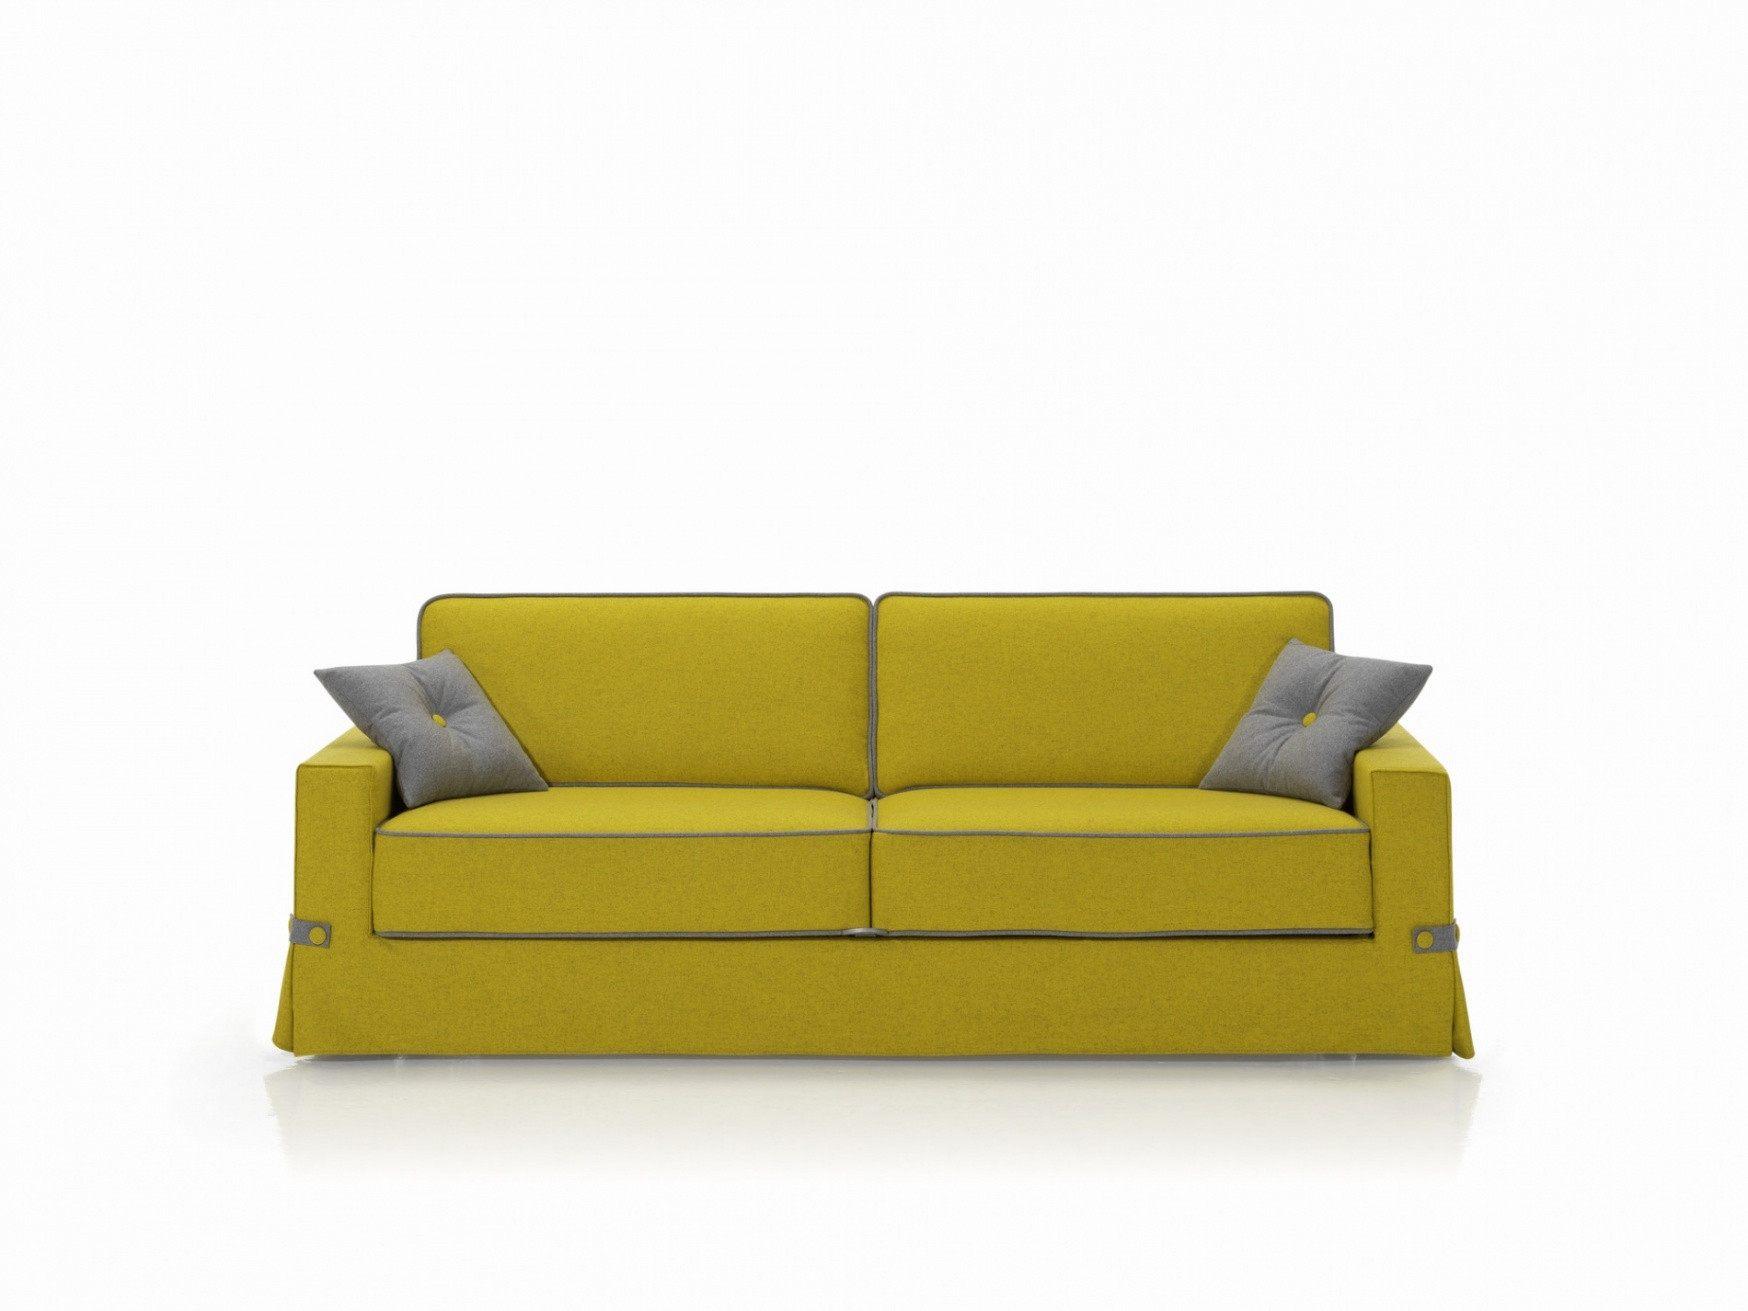 Canapé Lit Convertible Couchage Quotidien Meilleur De 35 Frais Canapé Lit Couchage Quoti N Ikea Inspirations